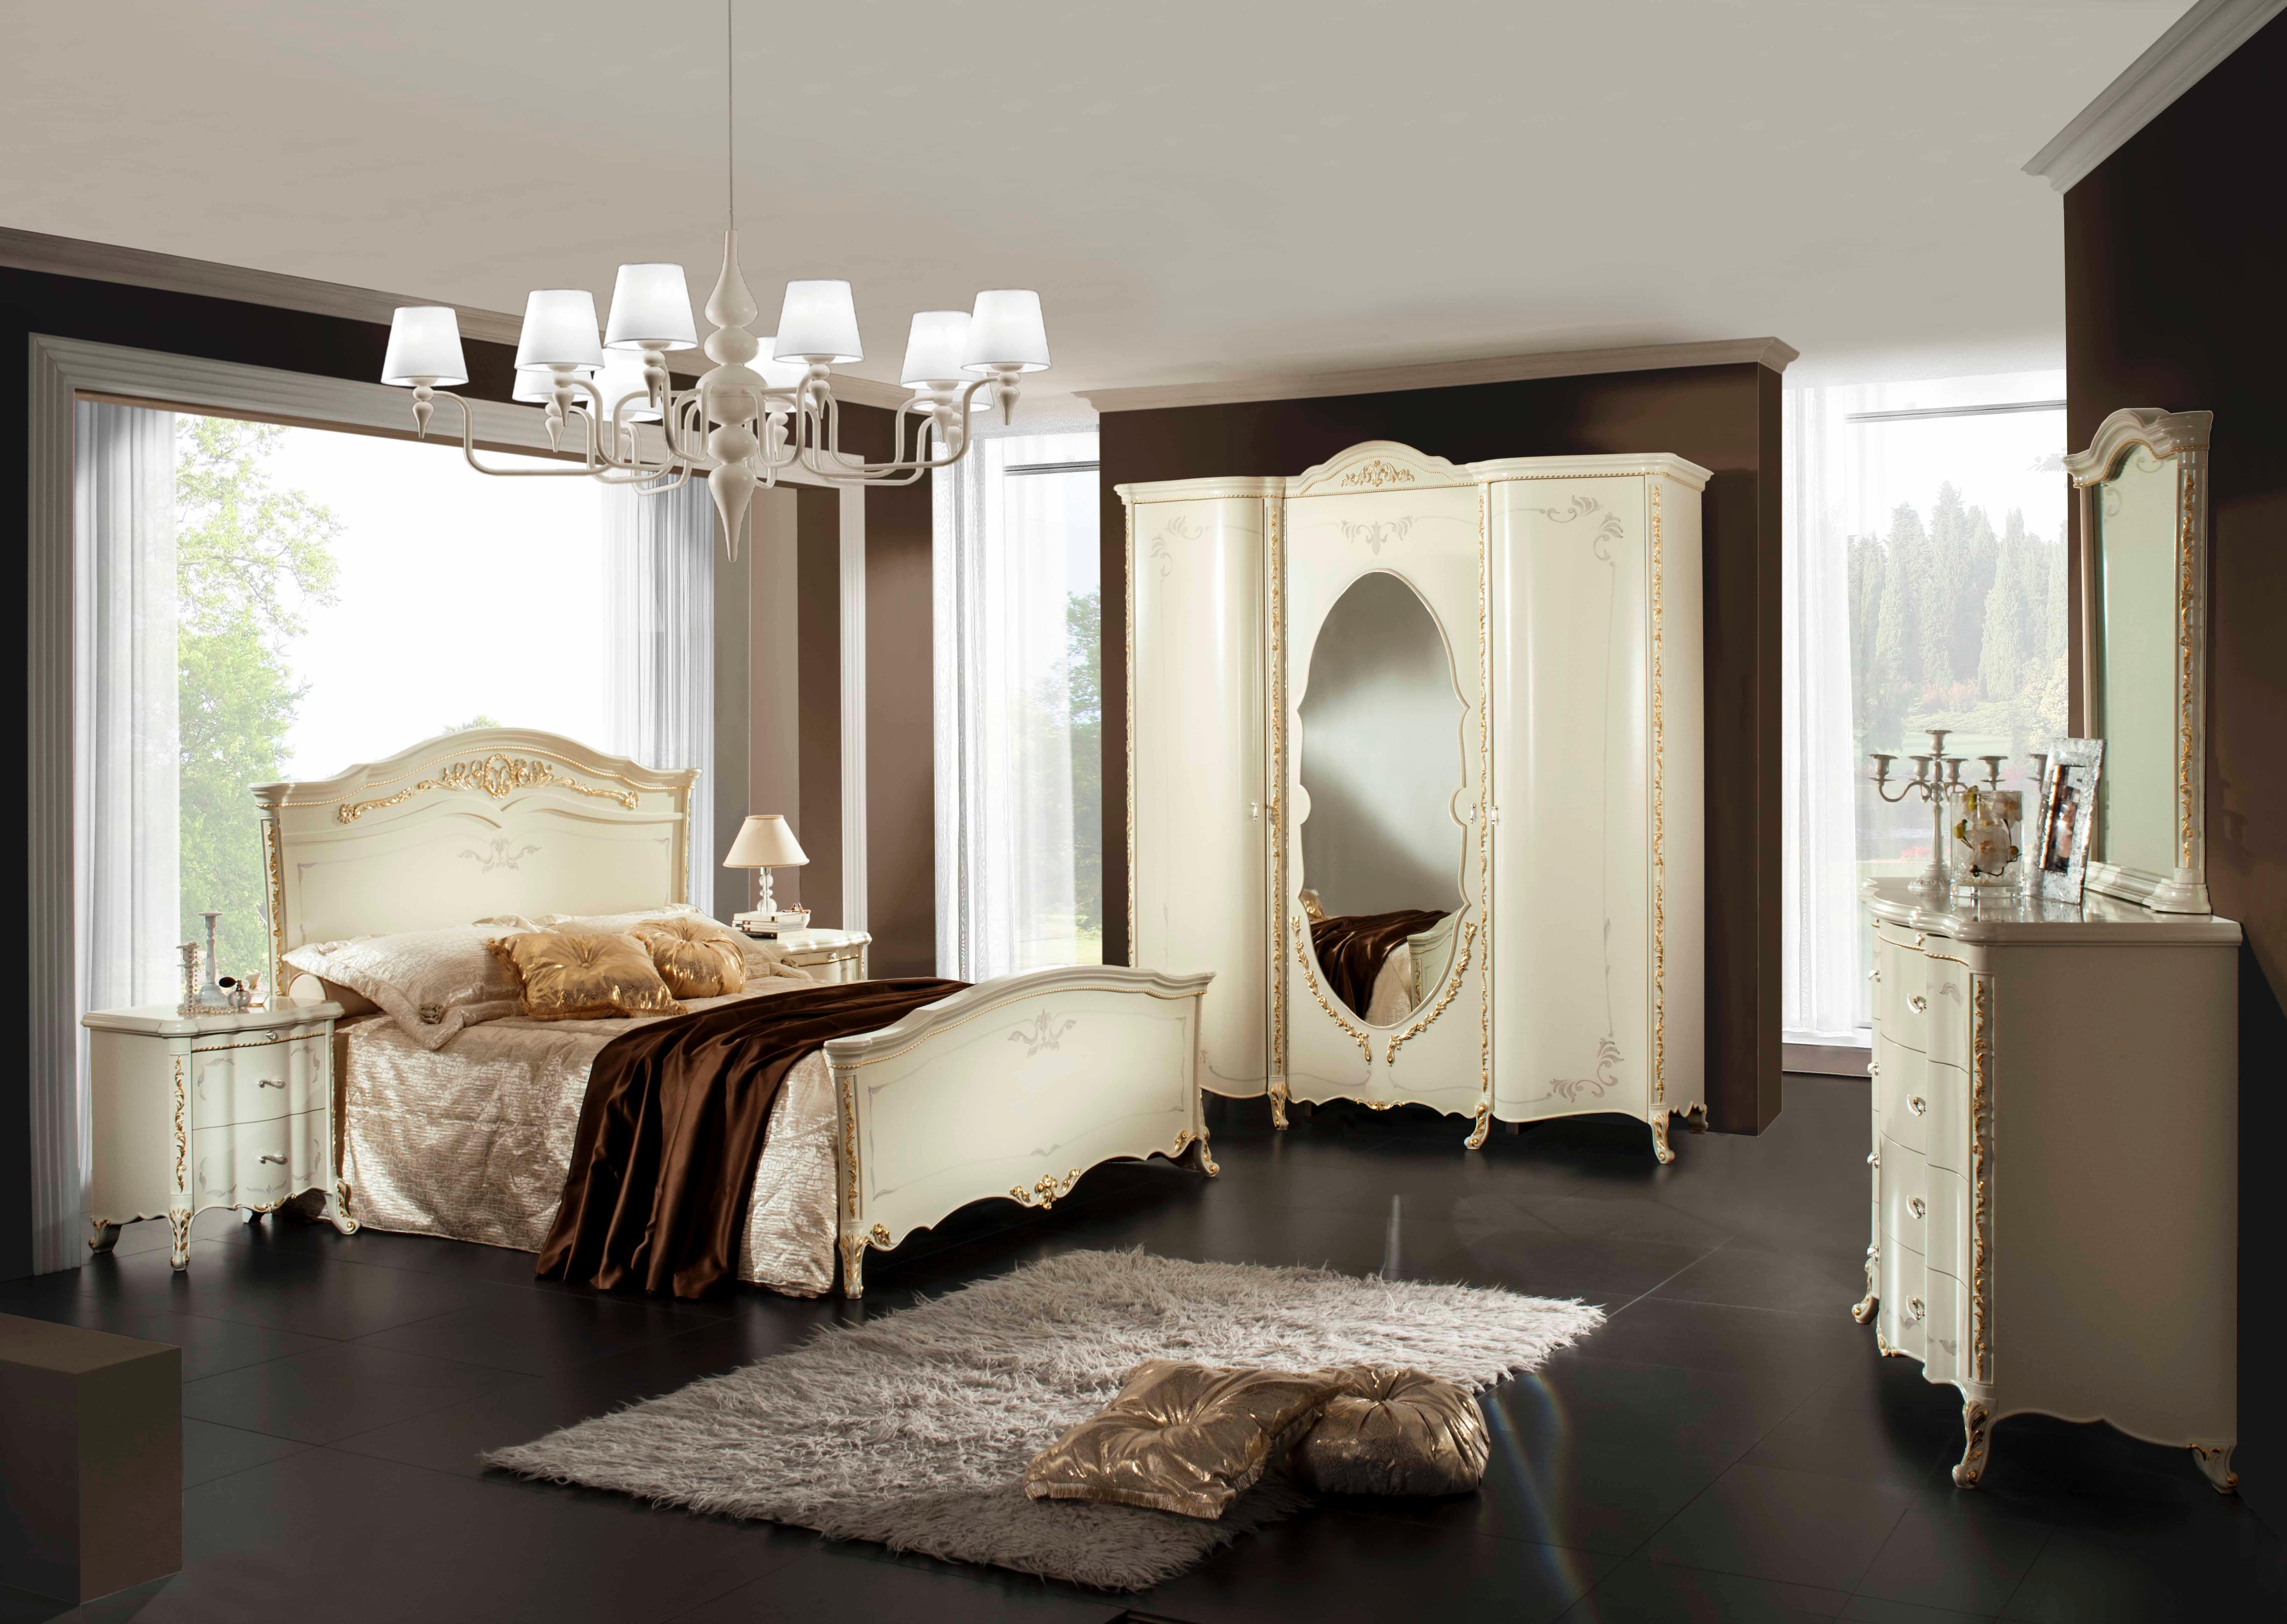 ensemble pour chambre coucher design 1 0 100 0 pi ces. Black Bedroom Furniture Sets. Home Design Ideas